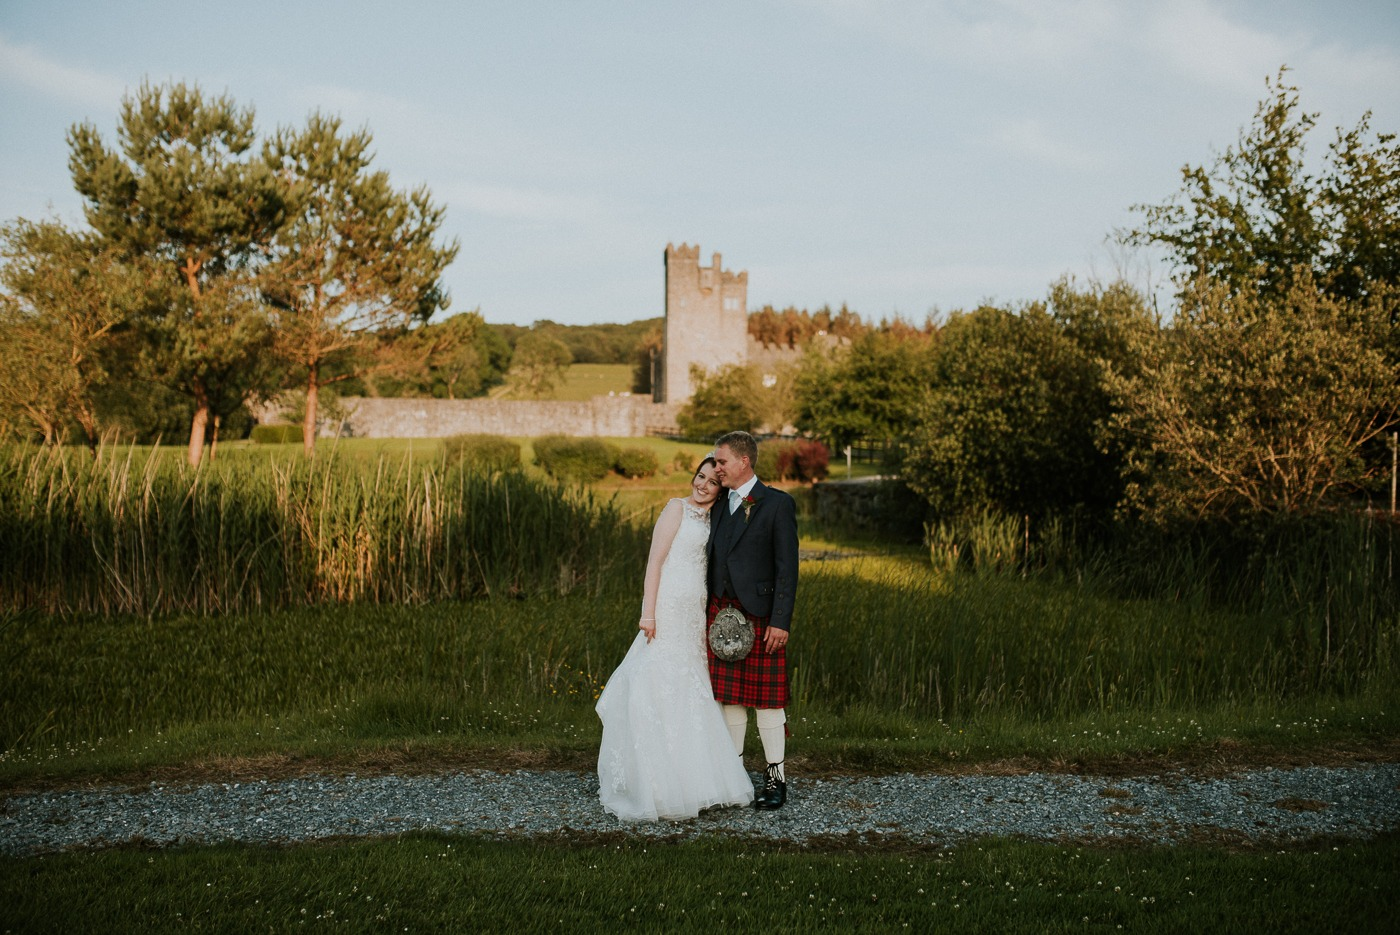 Sneak Peek of Katherine  + Timothy's Wedding at cloghan castle